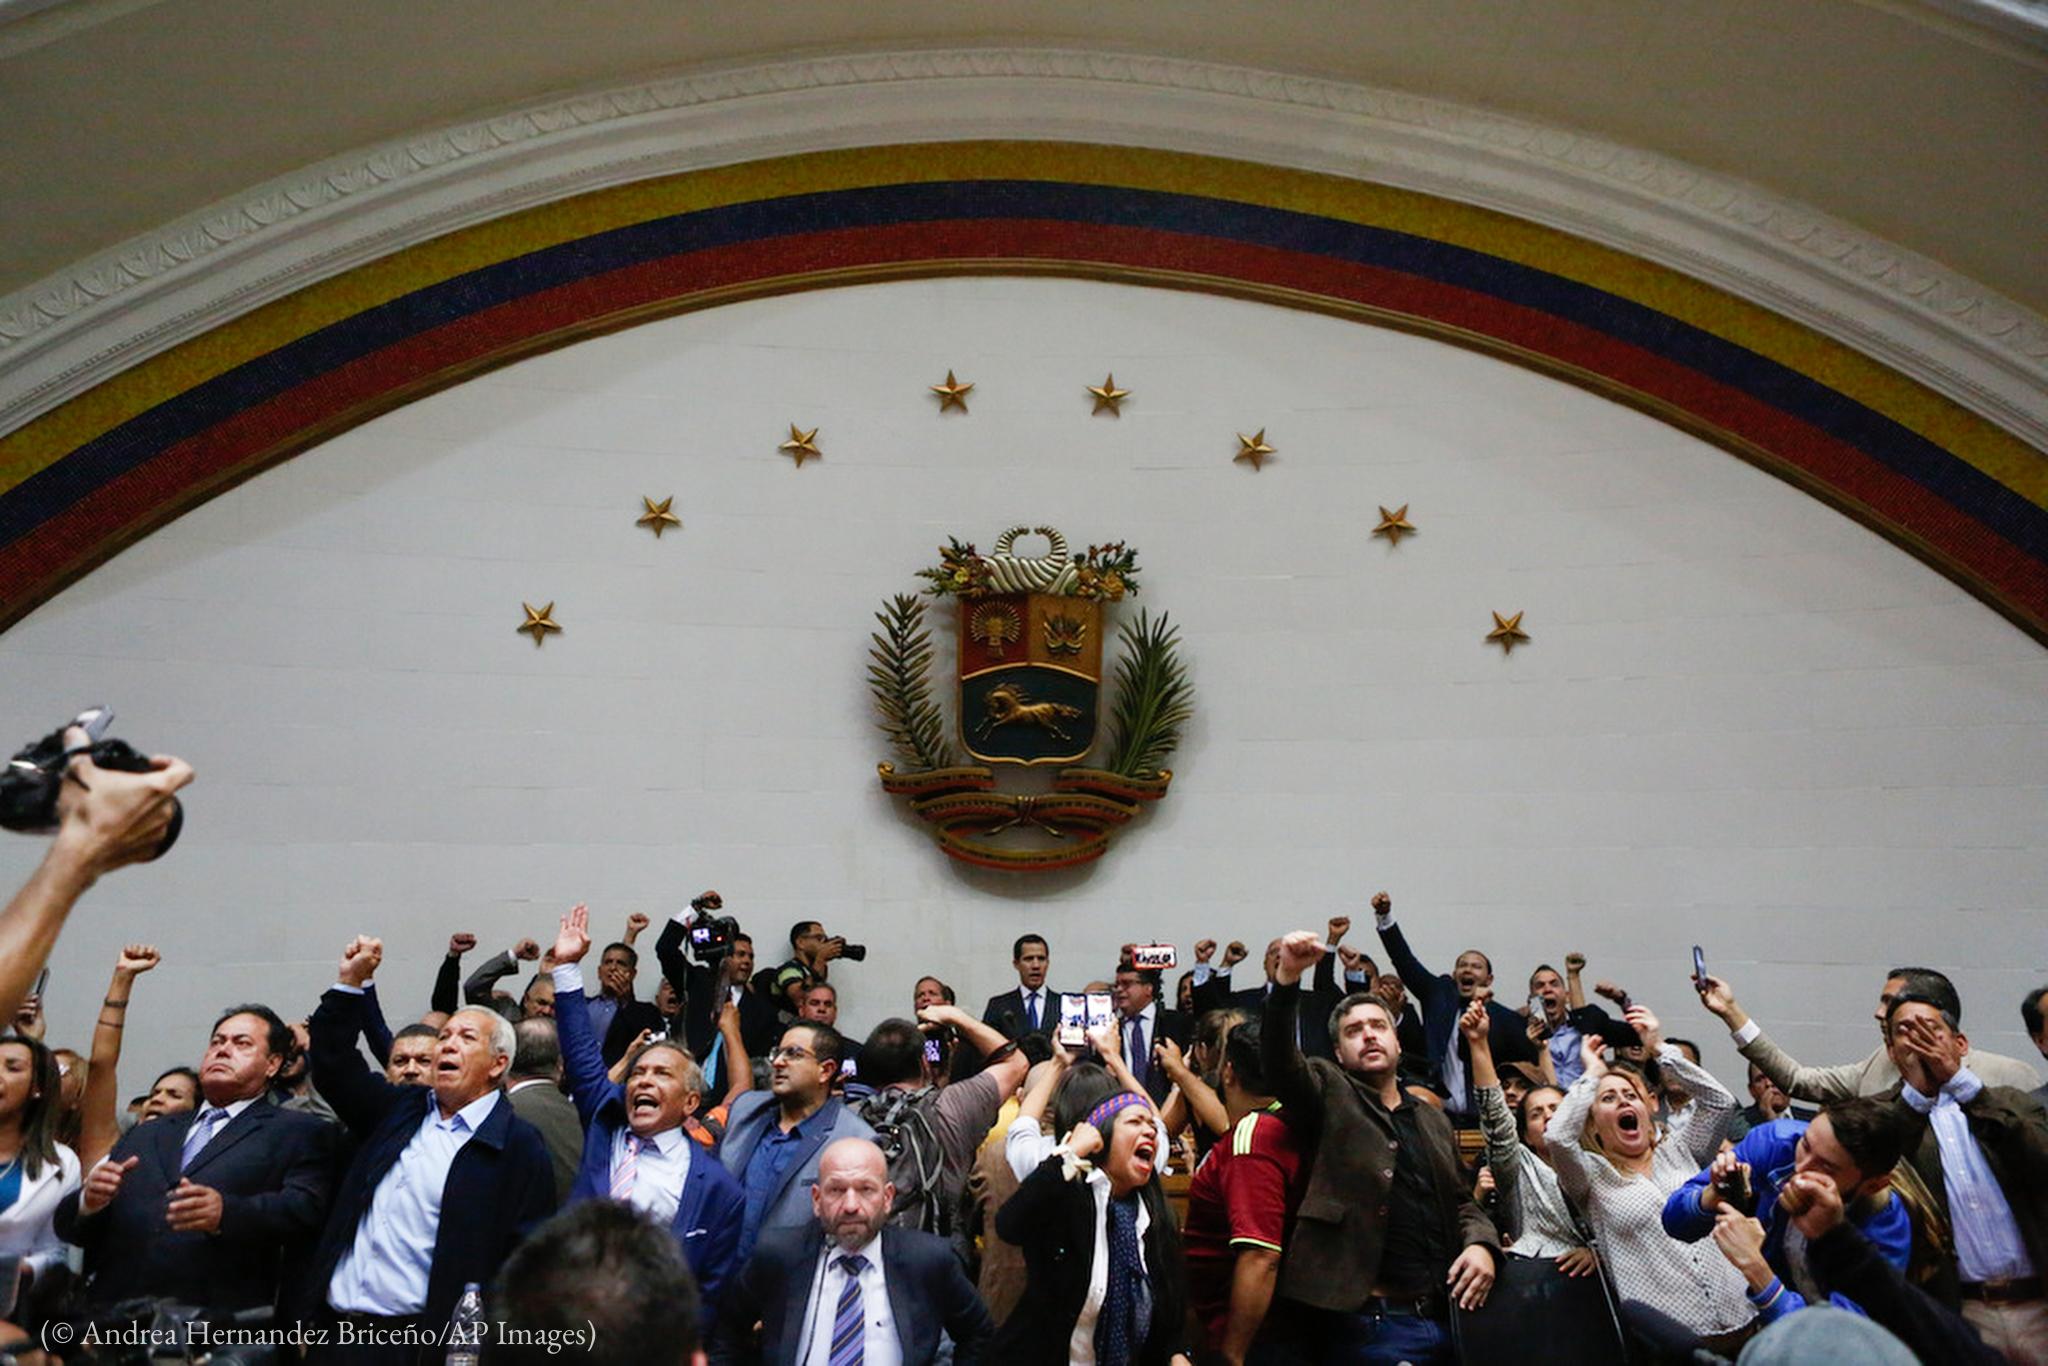 Des gens joyeux, levant les bras (© Andrea Hernandez Briceño/AP Images)